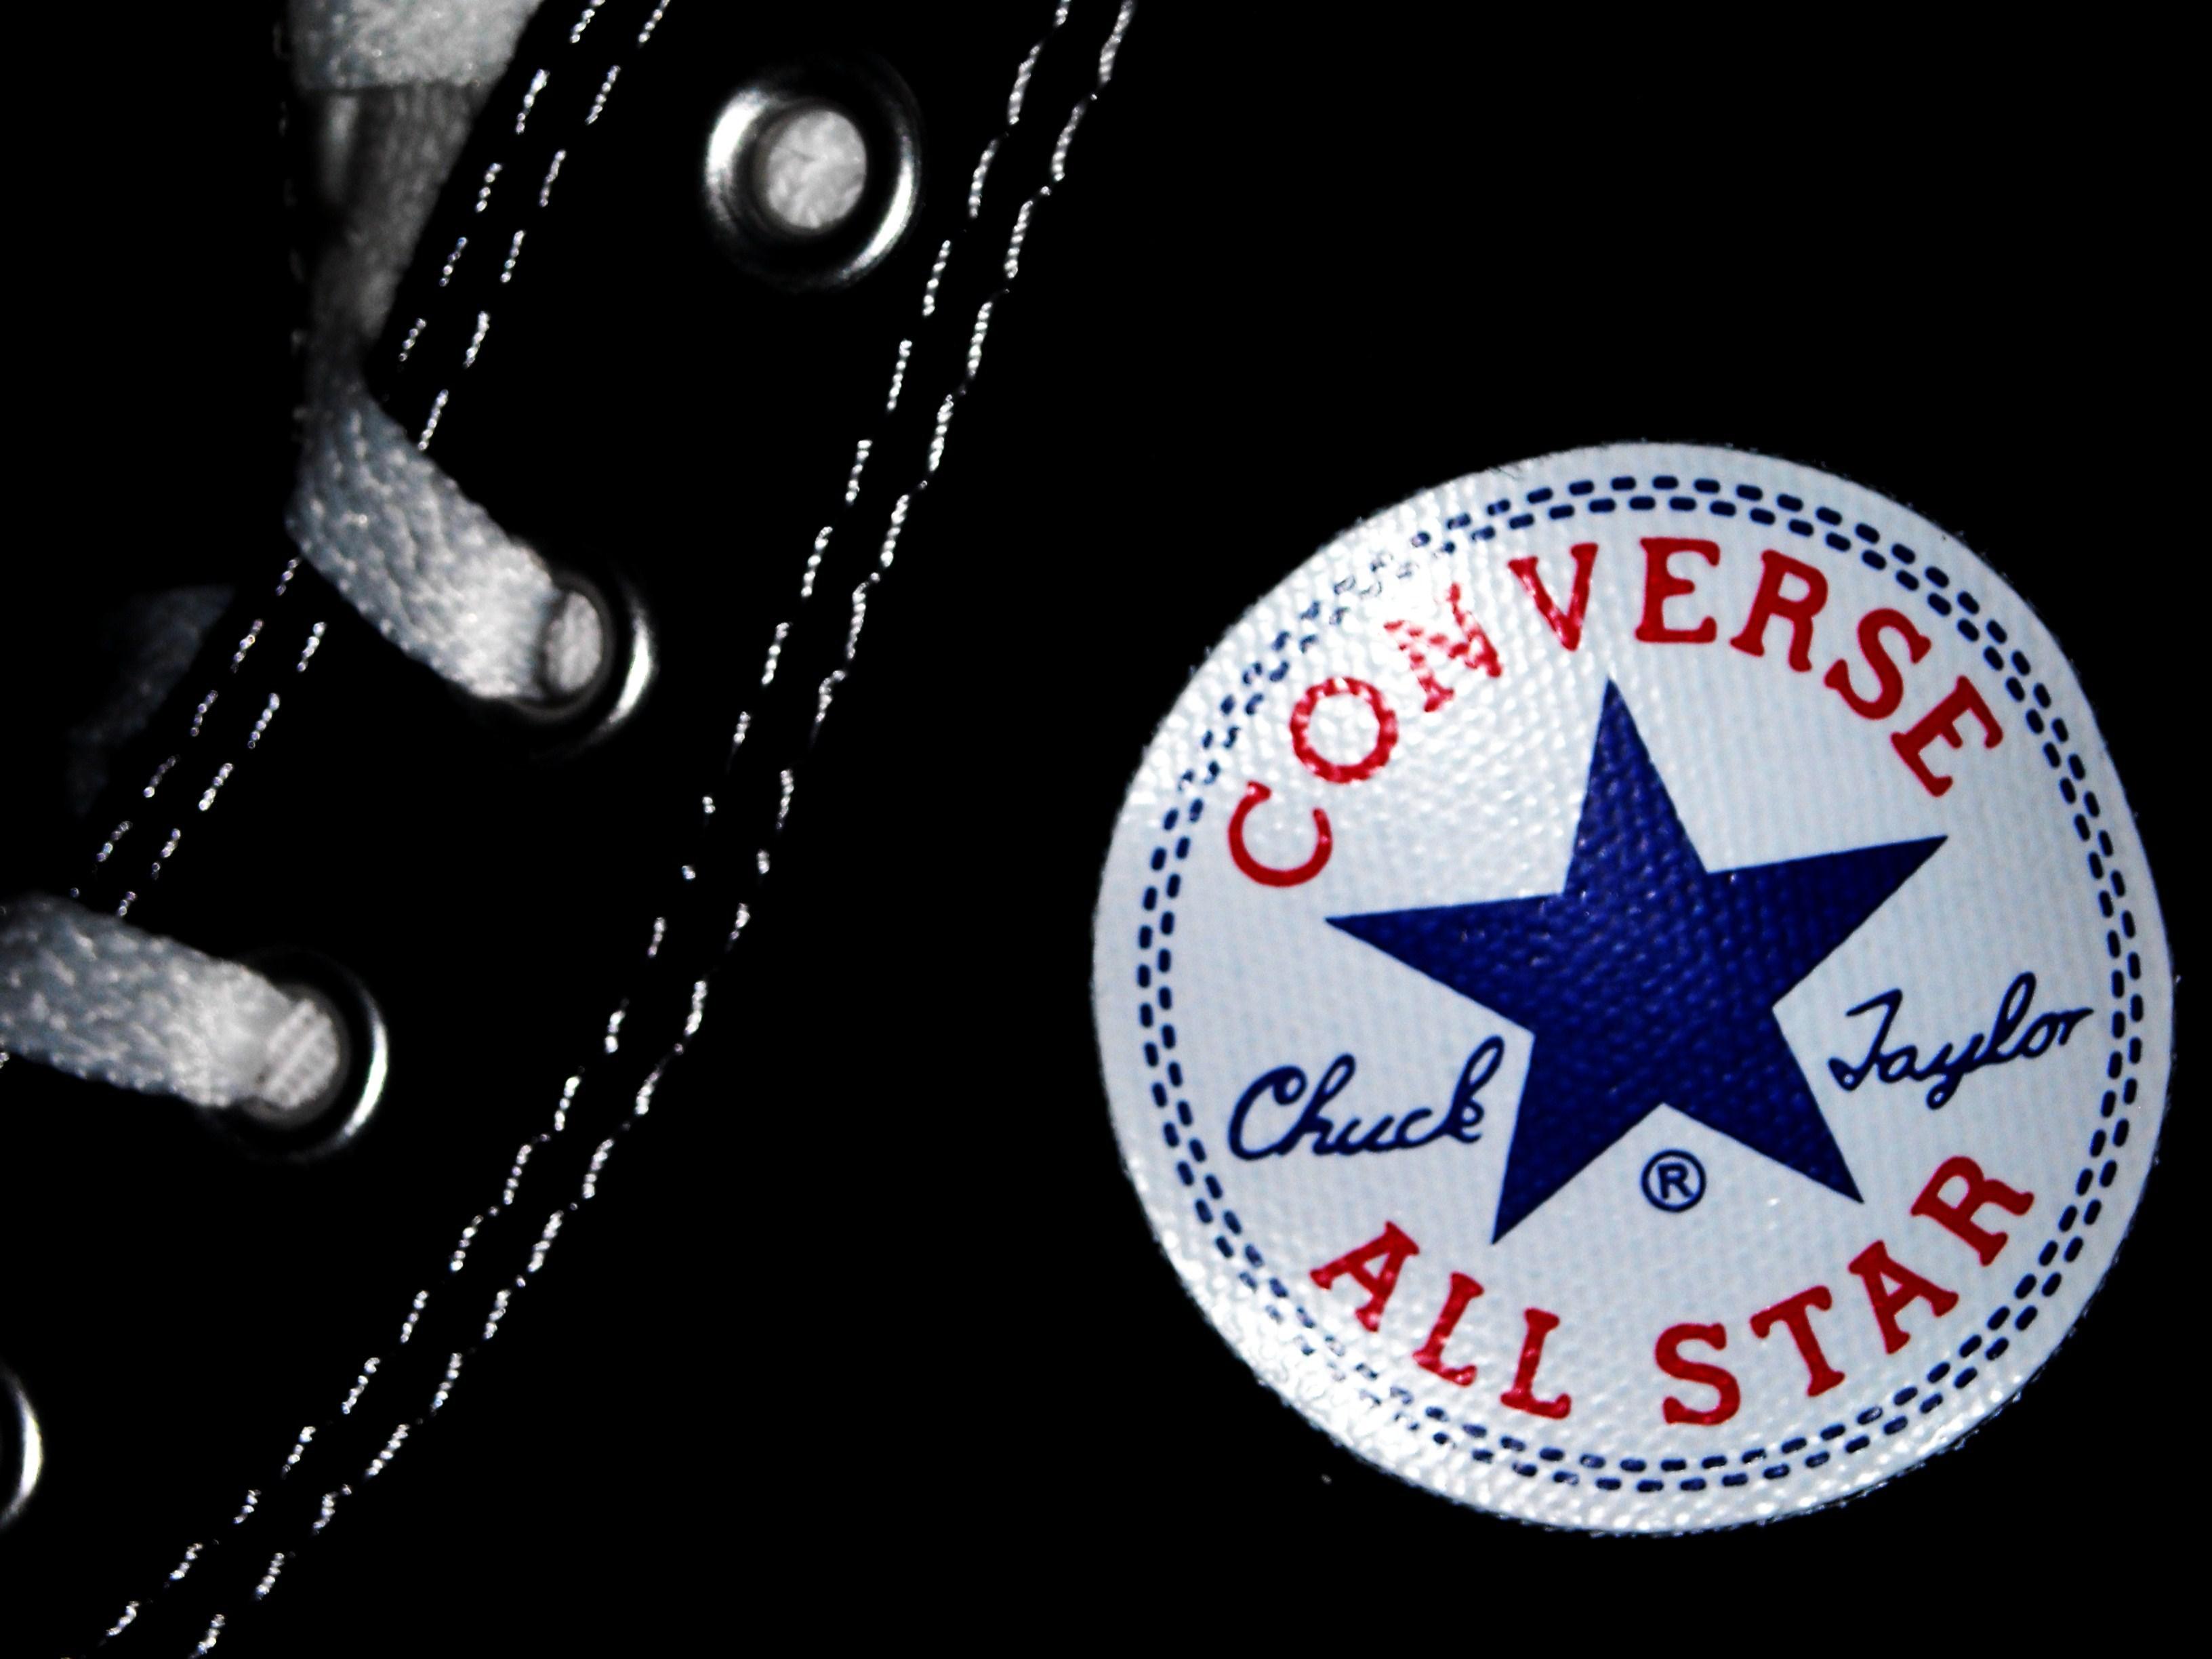 Converse cumple 100 años: ¡Felicidades! | El Blog de